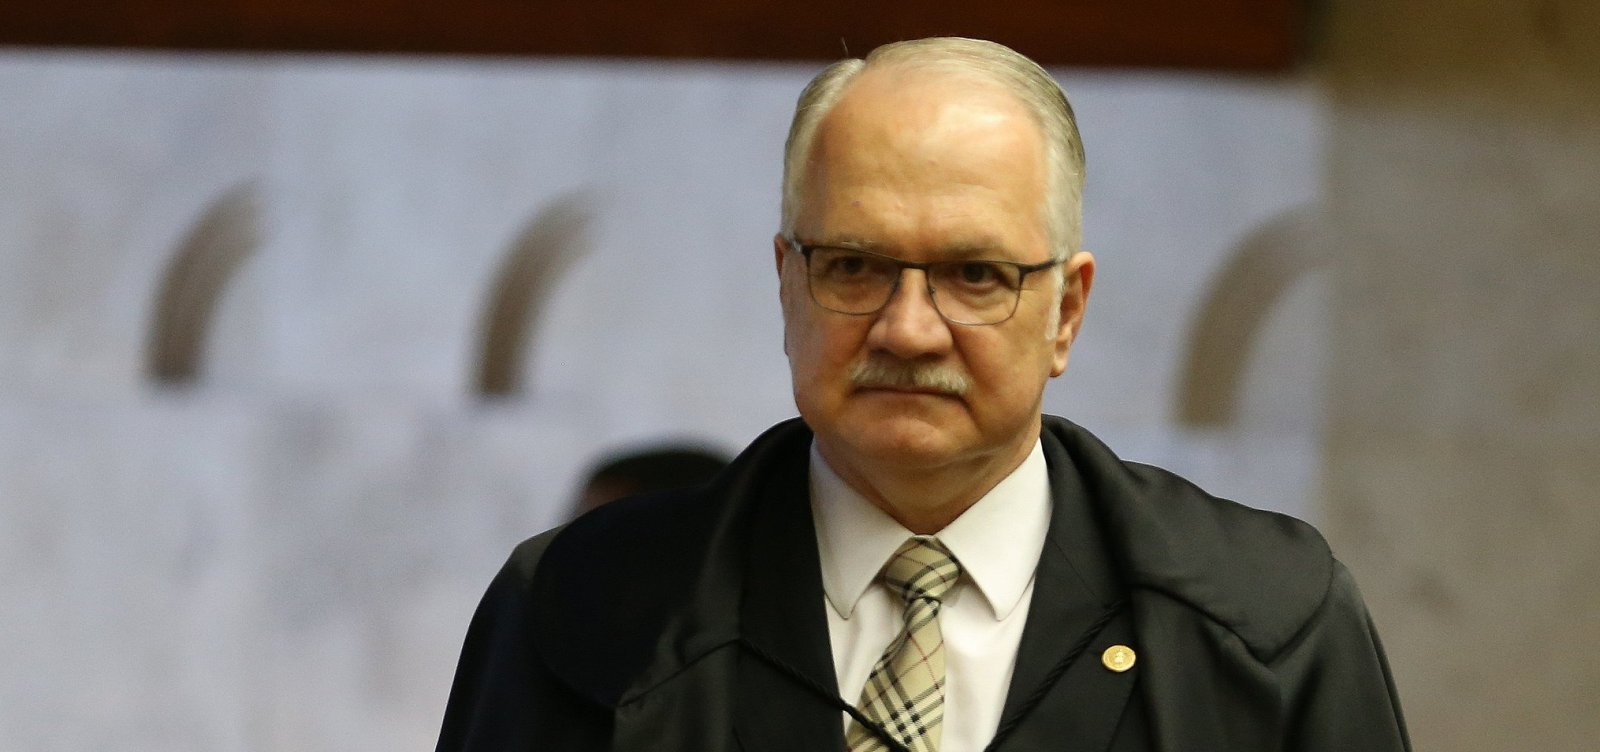 [Fachin suspende inquérito que investigava Temer por propina da Odebrecht]